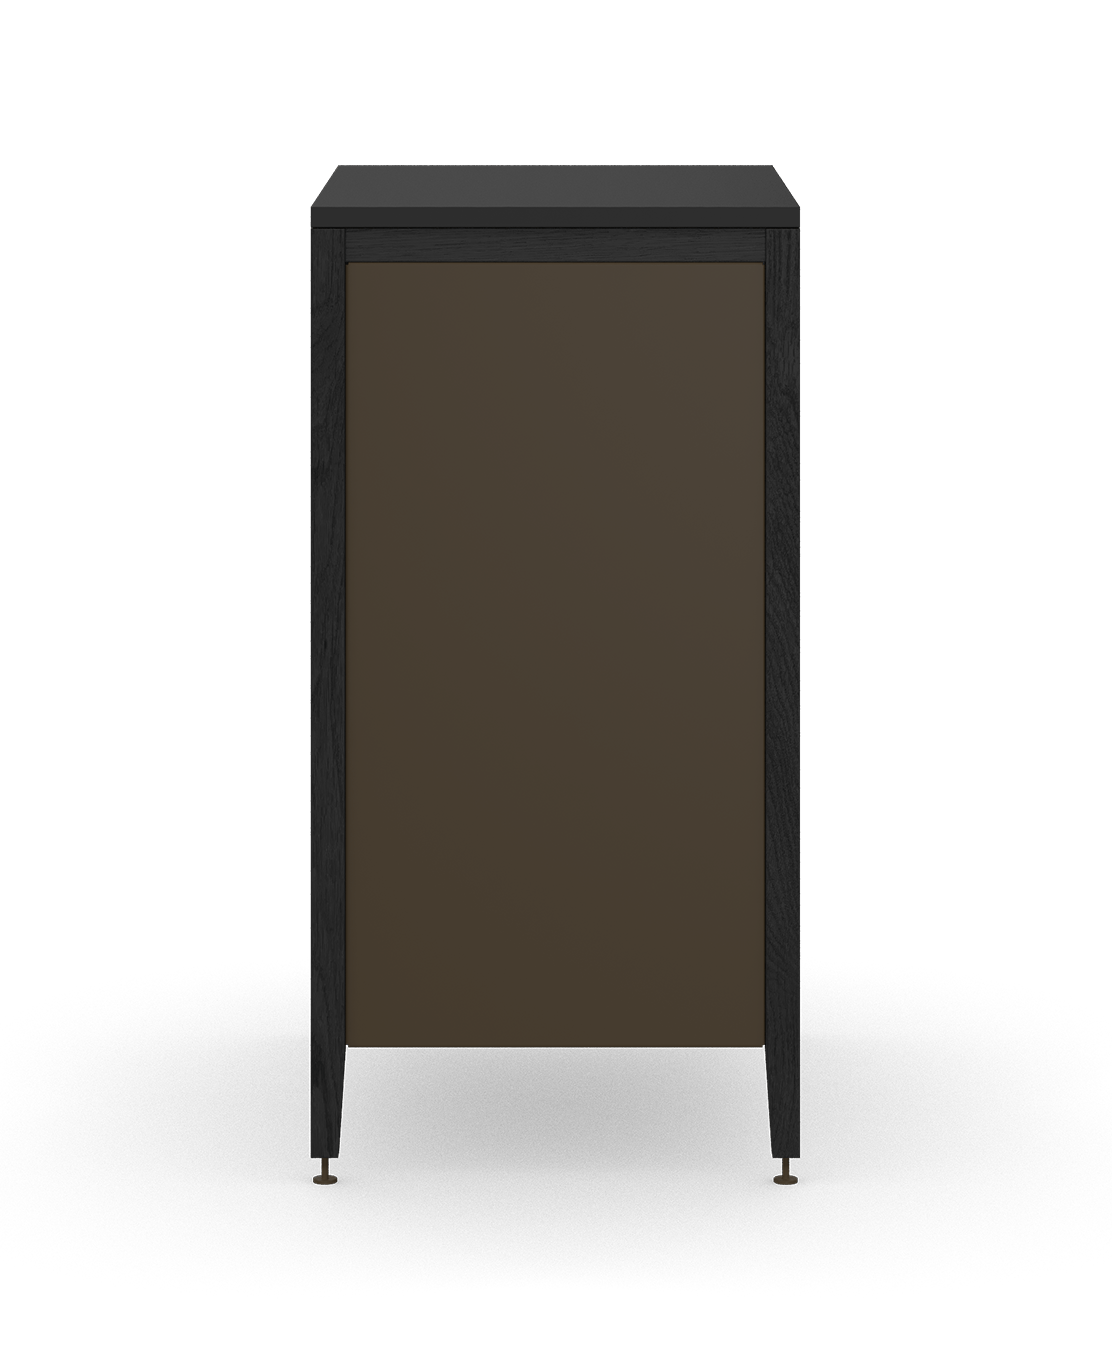 armoire de cuisine modulaire poubelle en bois massif coquo radix avec 1 tiroir 2 bacs chêne teint noir nuit profonde 18 pouces C1-CTR-18TB-2001-BK